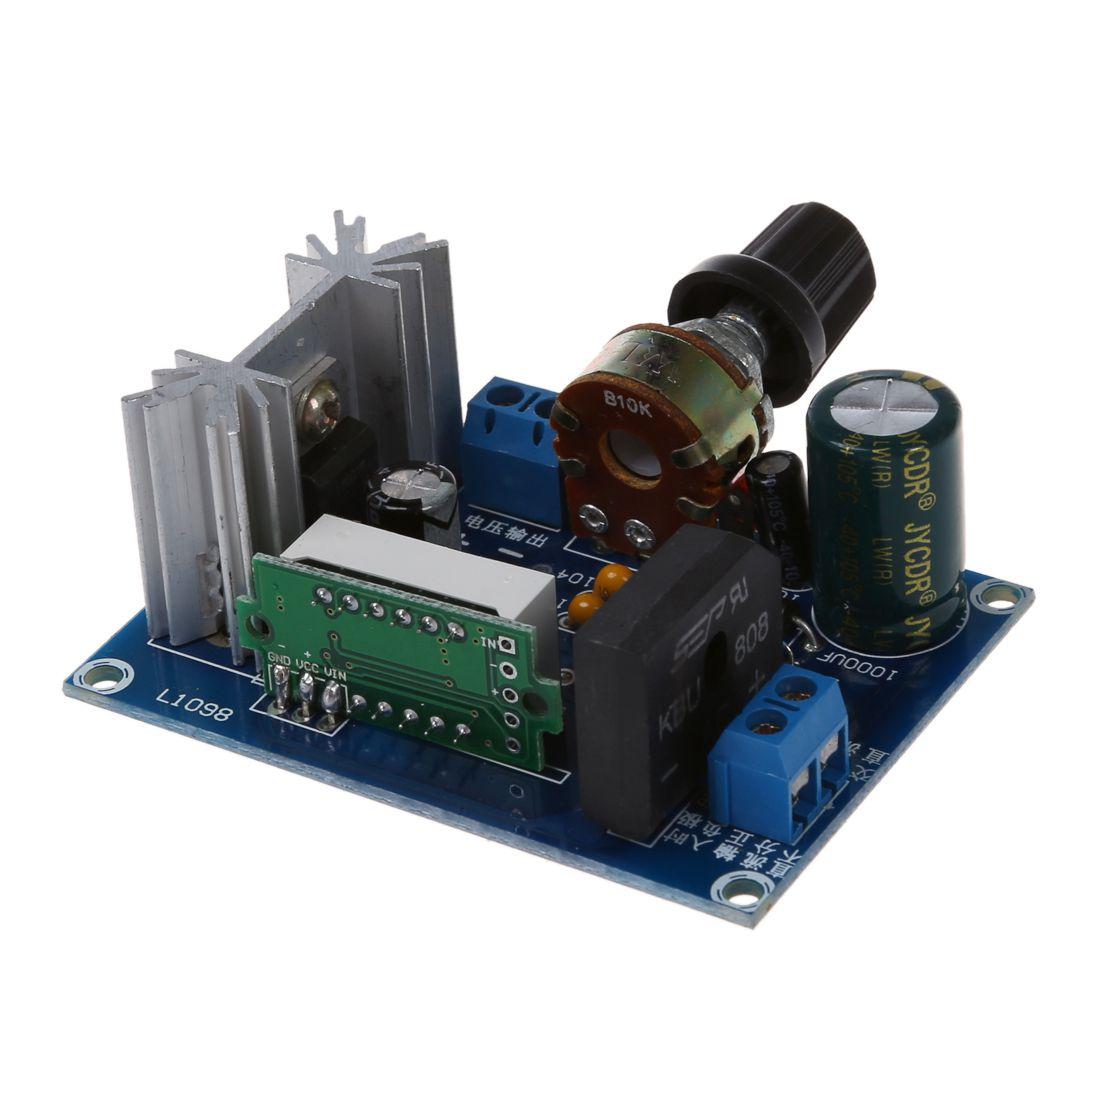 Good Buy Lm317 Adjustable Voltage Regulator Step Down Power Supply 6v Or 12v Lead Acid Battery Charger Using Module Led Meter